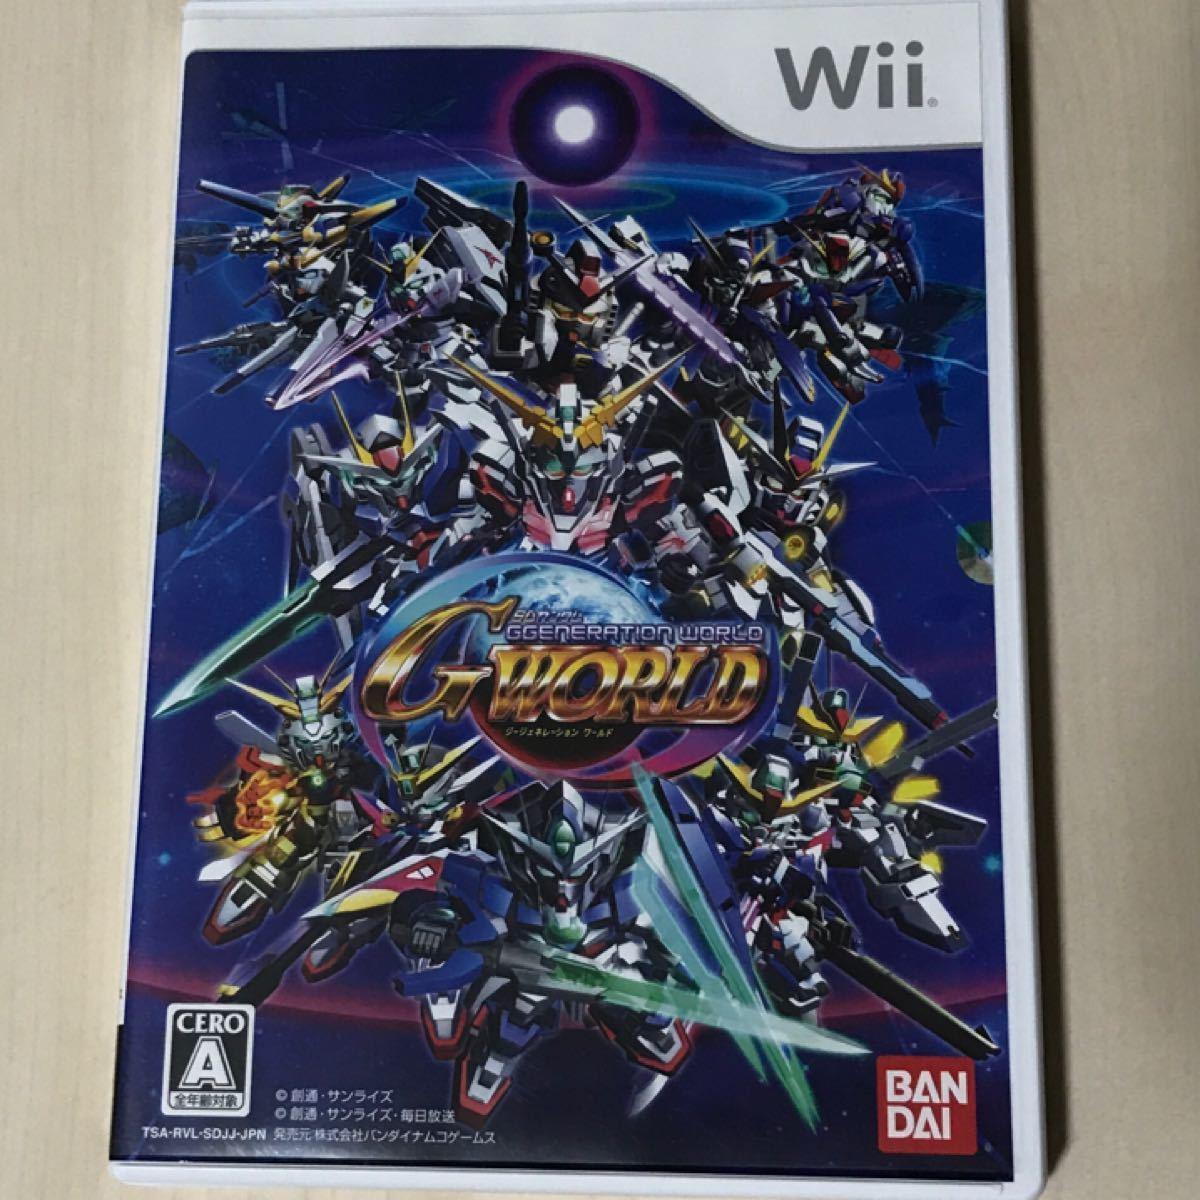 Wii  SDガンダム  ジージェネレーション ワールド